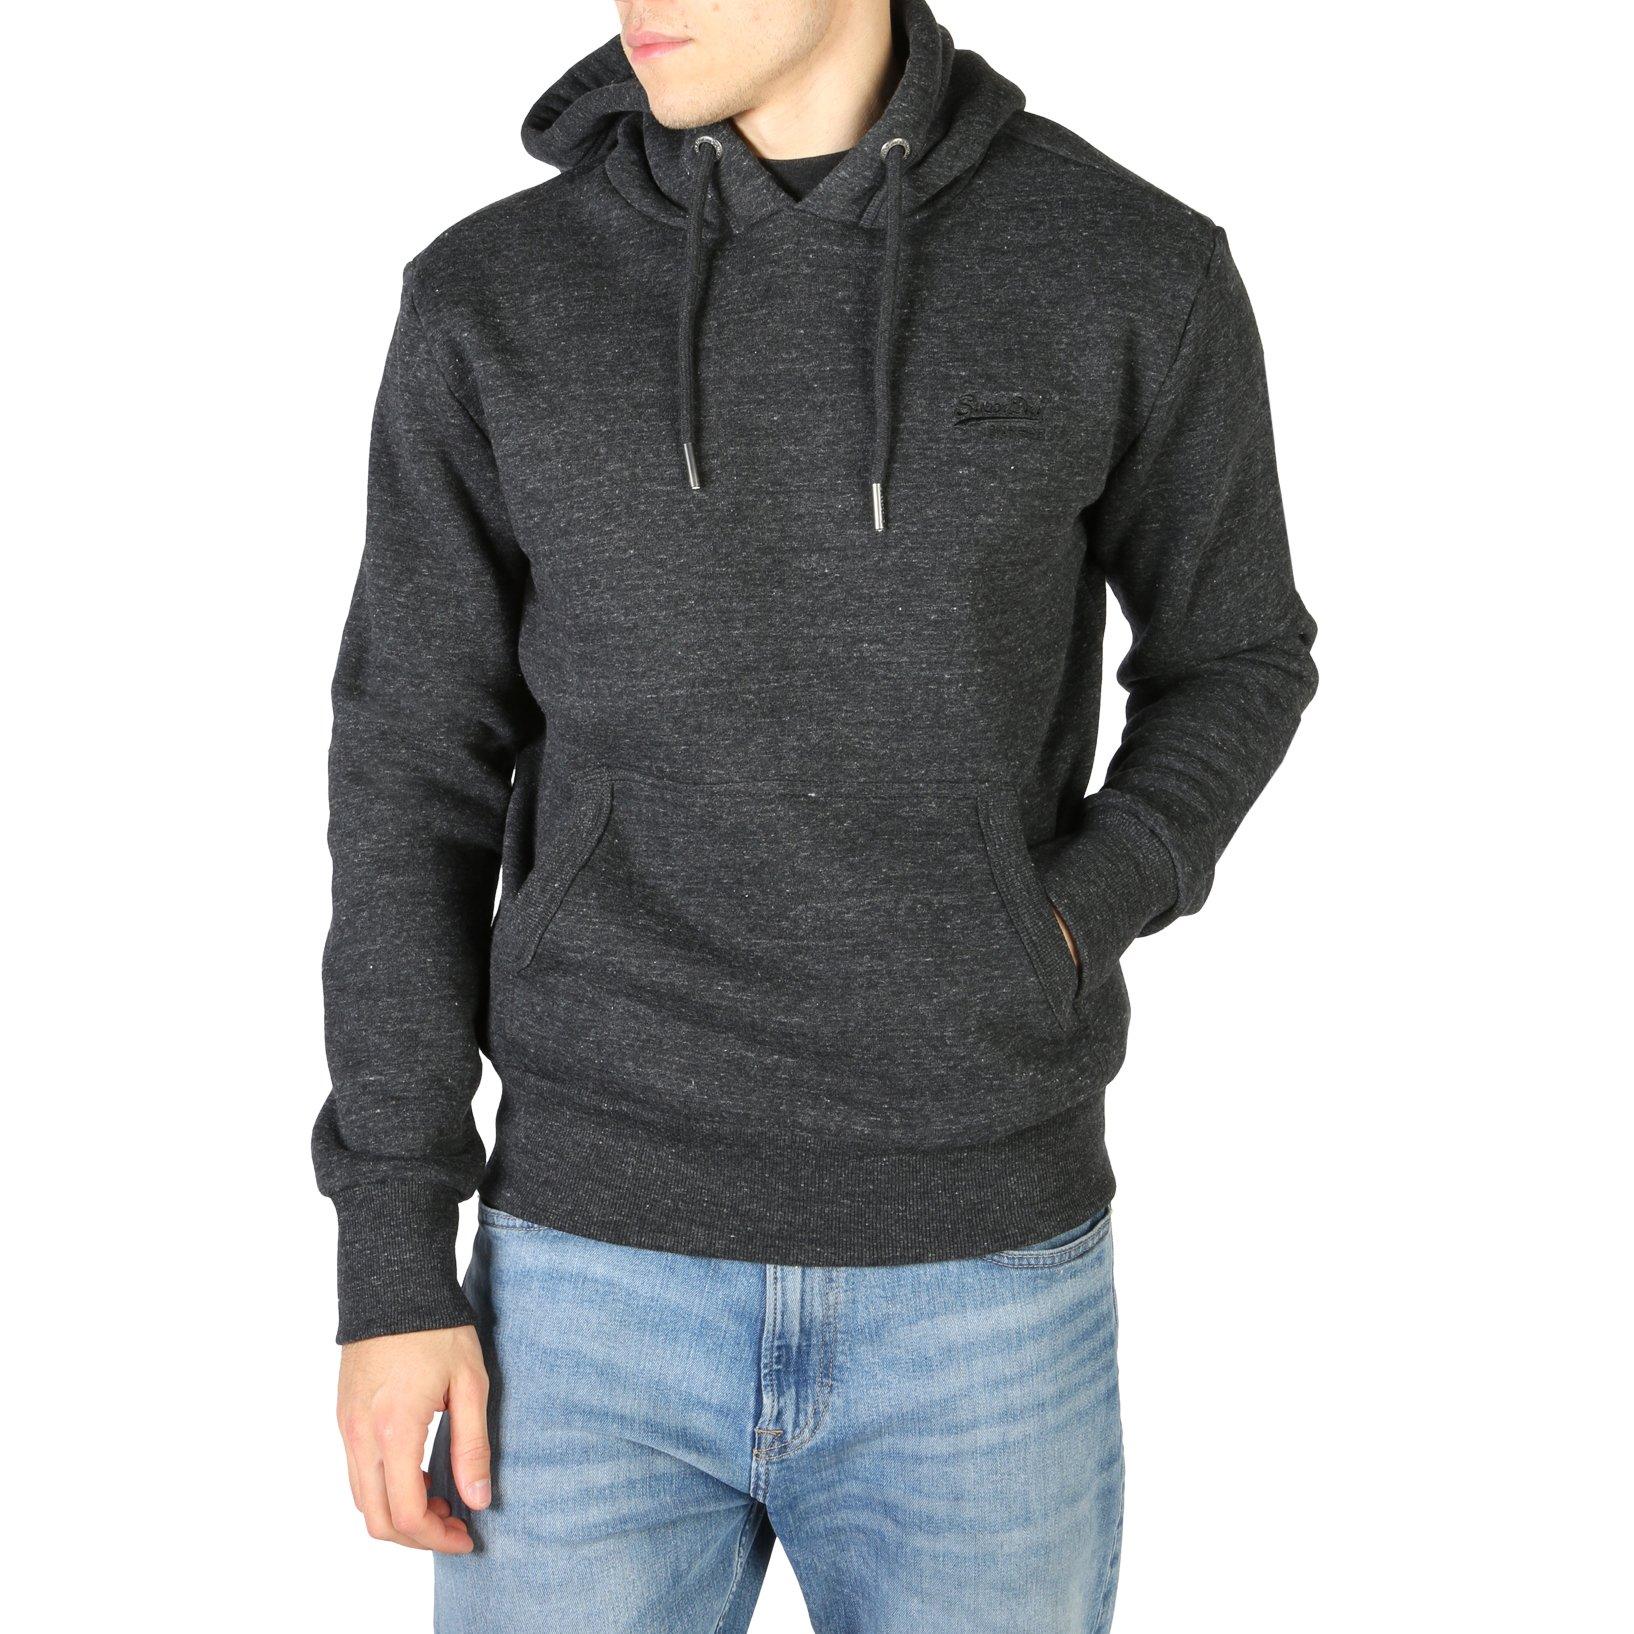 Superdry Men's Sweatshirt Various Colours M2010265A - grey S